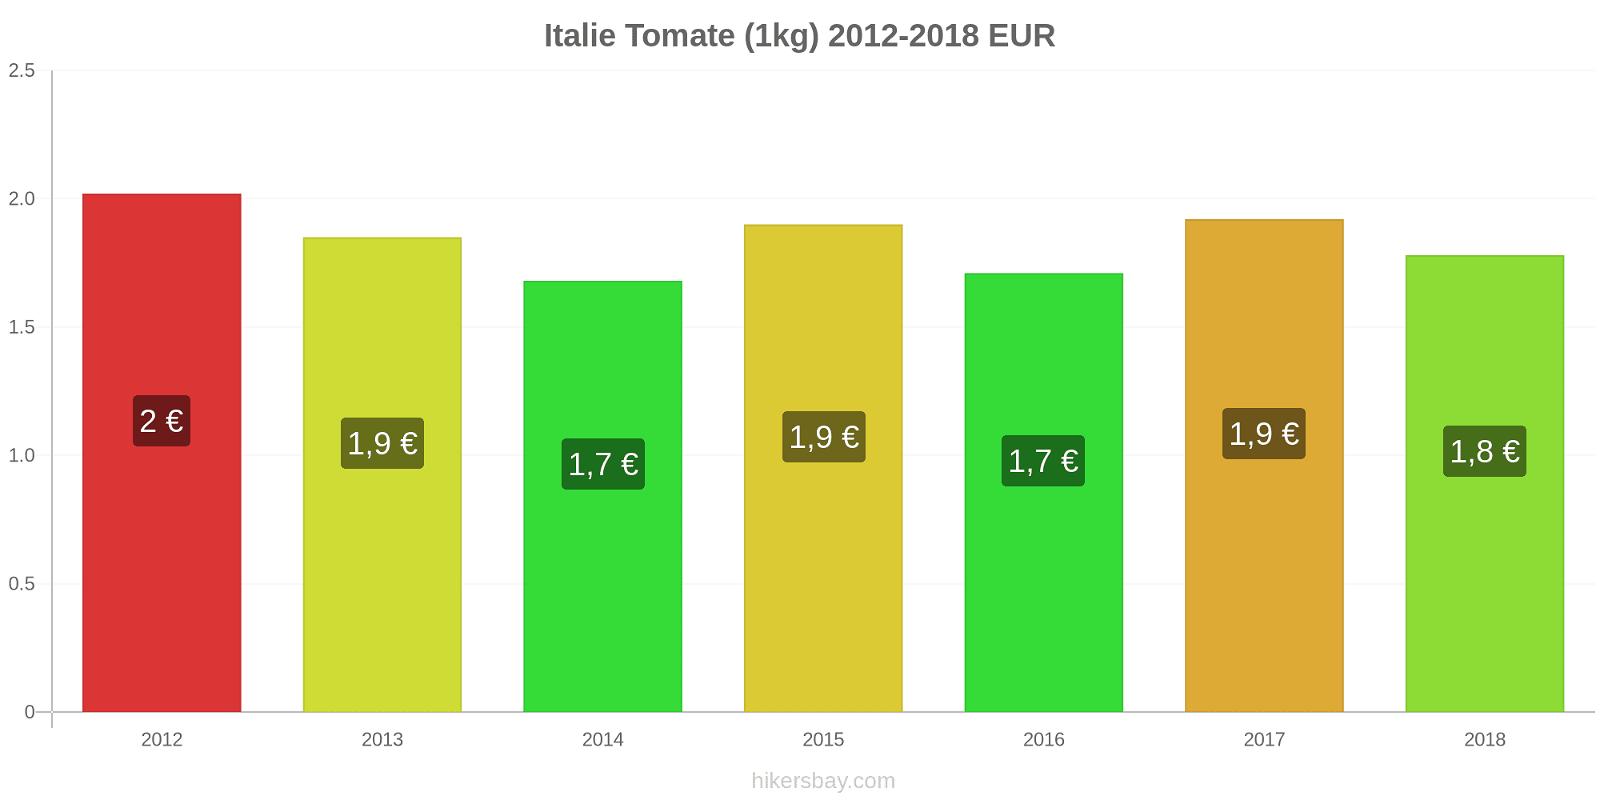 Italie changements de prix Tomate (1kg) hikersbay.com